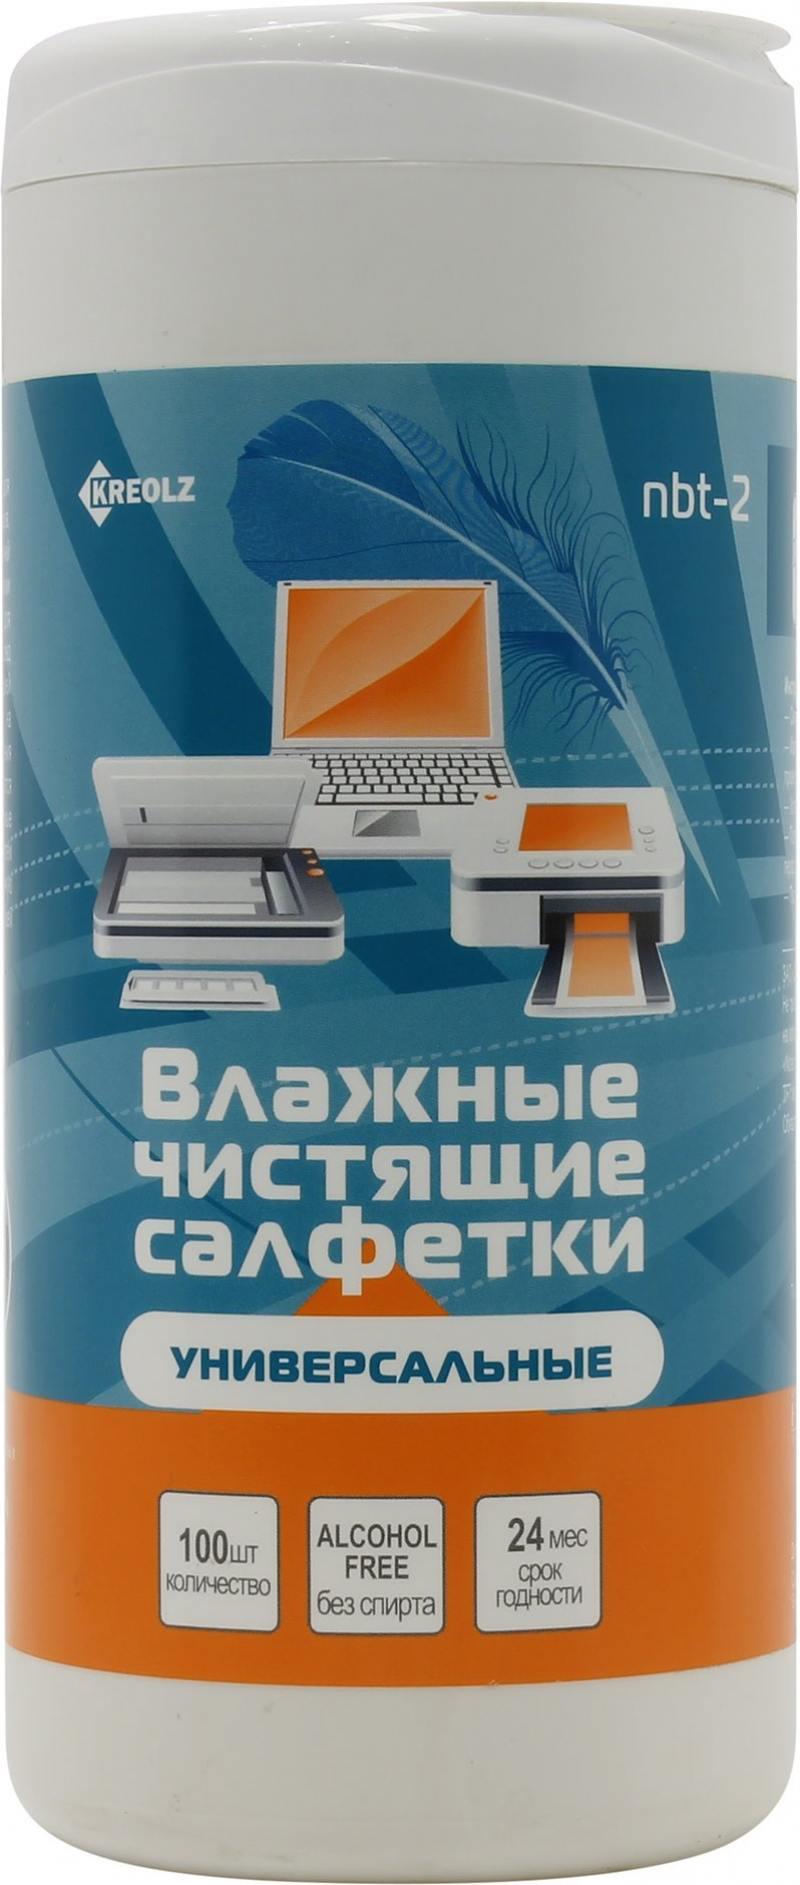 цена на Чистящие салфетки Kreolz NBT-2 100 шт